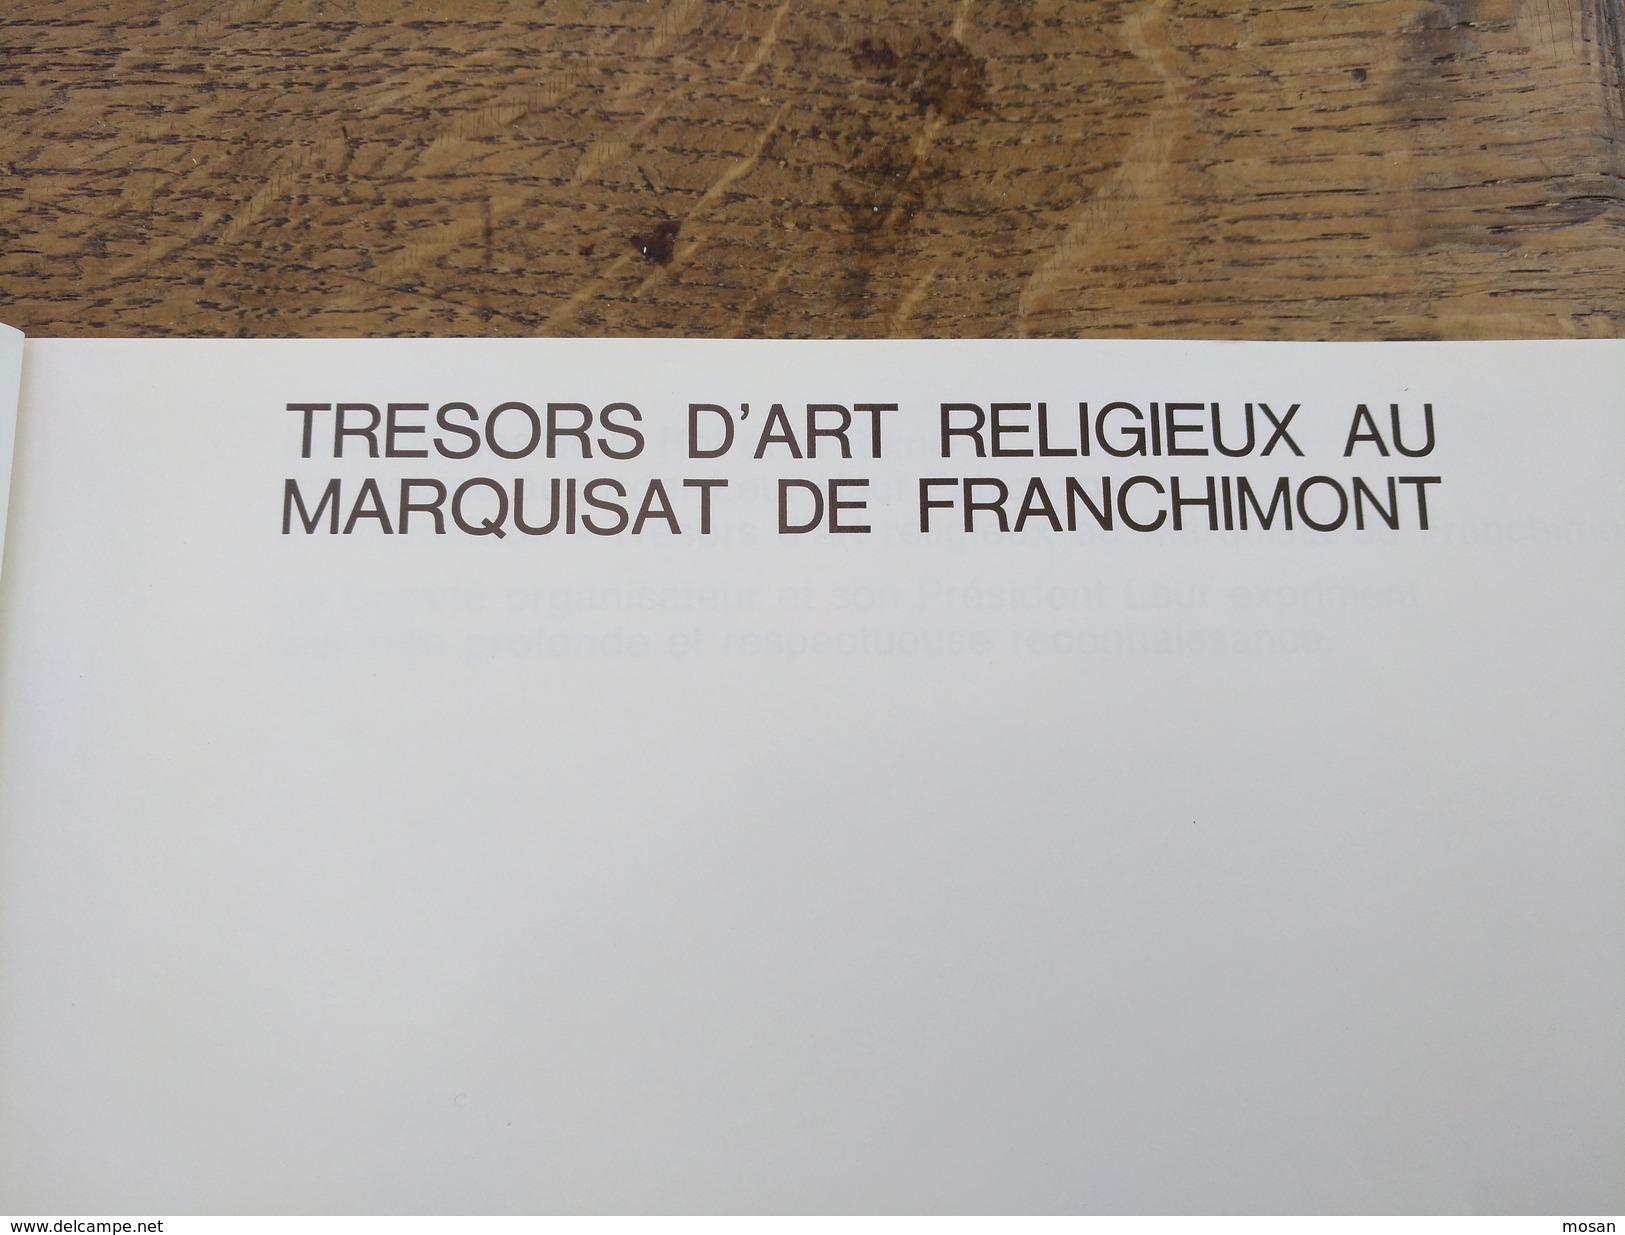 Trésors D'art Dans L'ancien Doyenné De Havelange. Flostoy 1970. Barreaux, Flostoy, Jallet, Méan, Miecret, Verlée... - Belgique